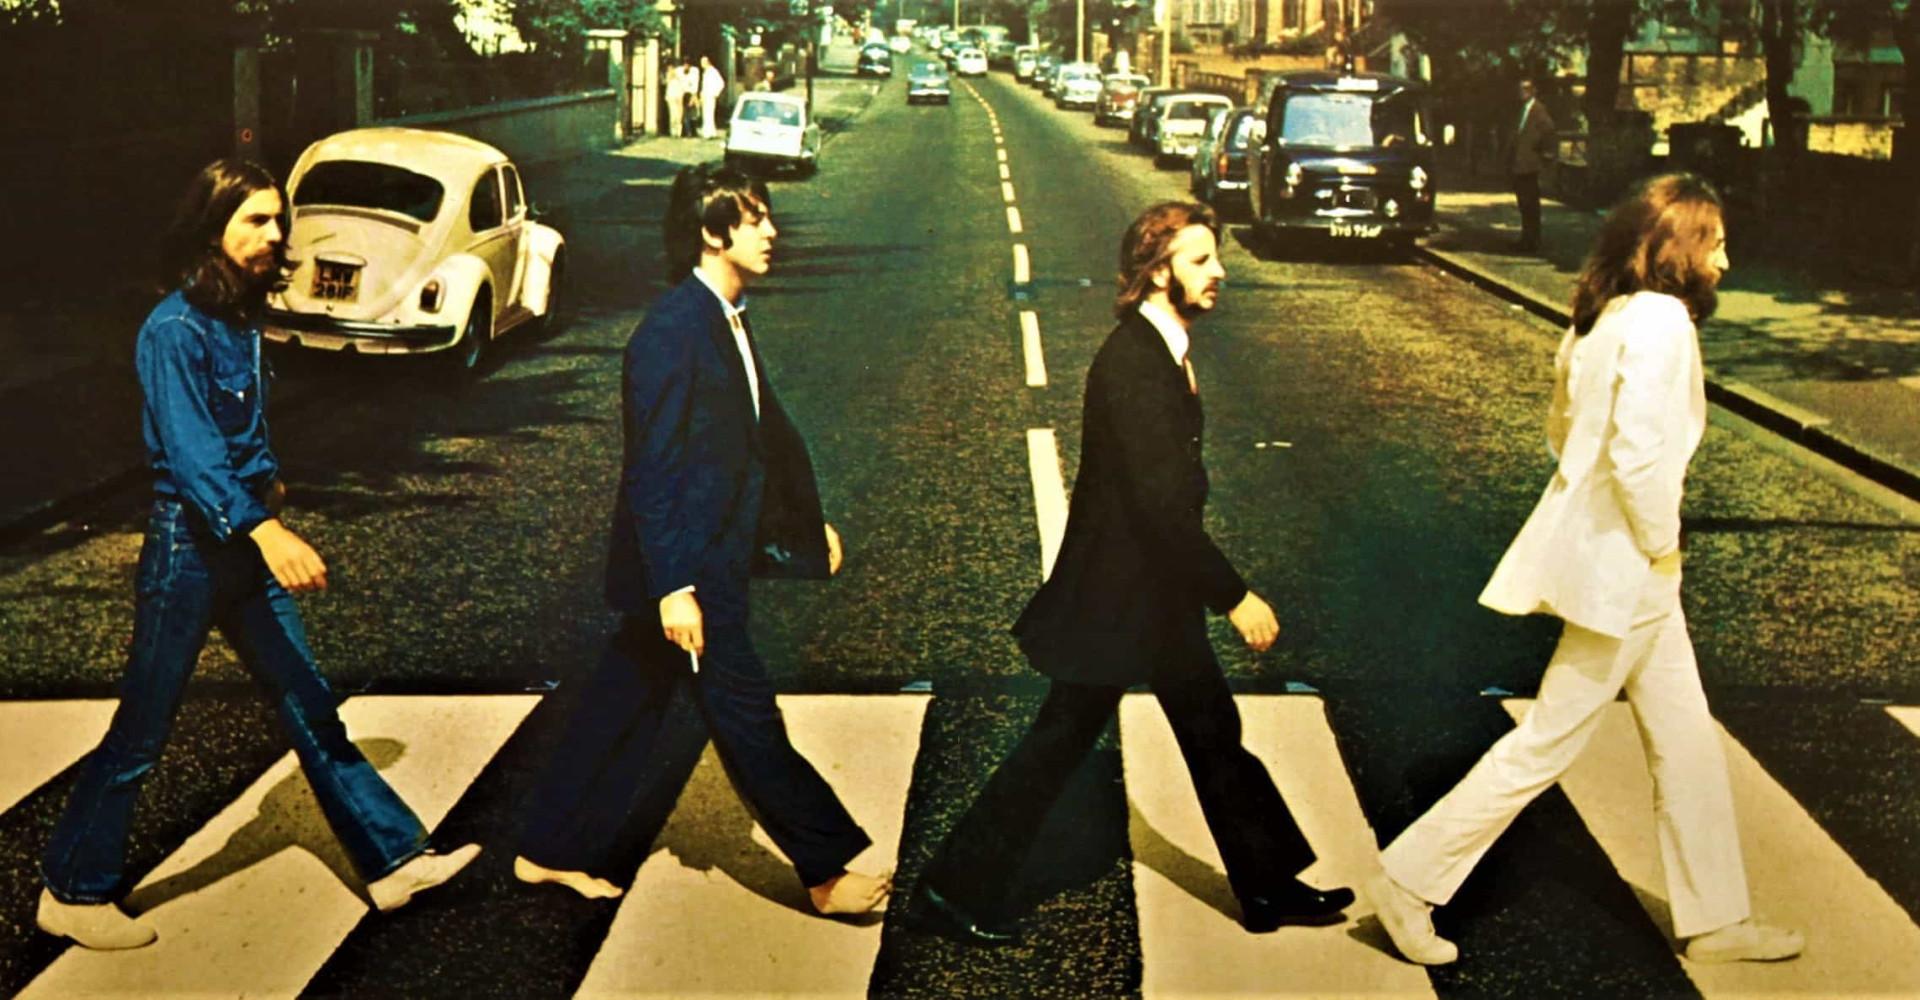 Vanhat hyvät ajat sävelin: 30 albumia, jotka täyttävät 50 vuonna 2019